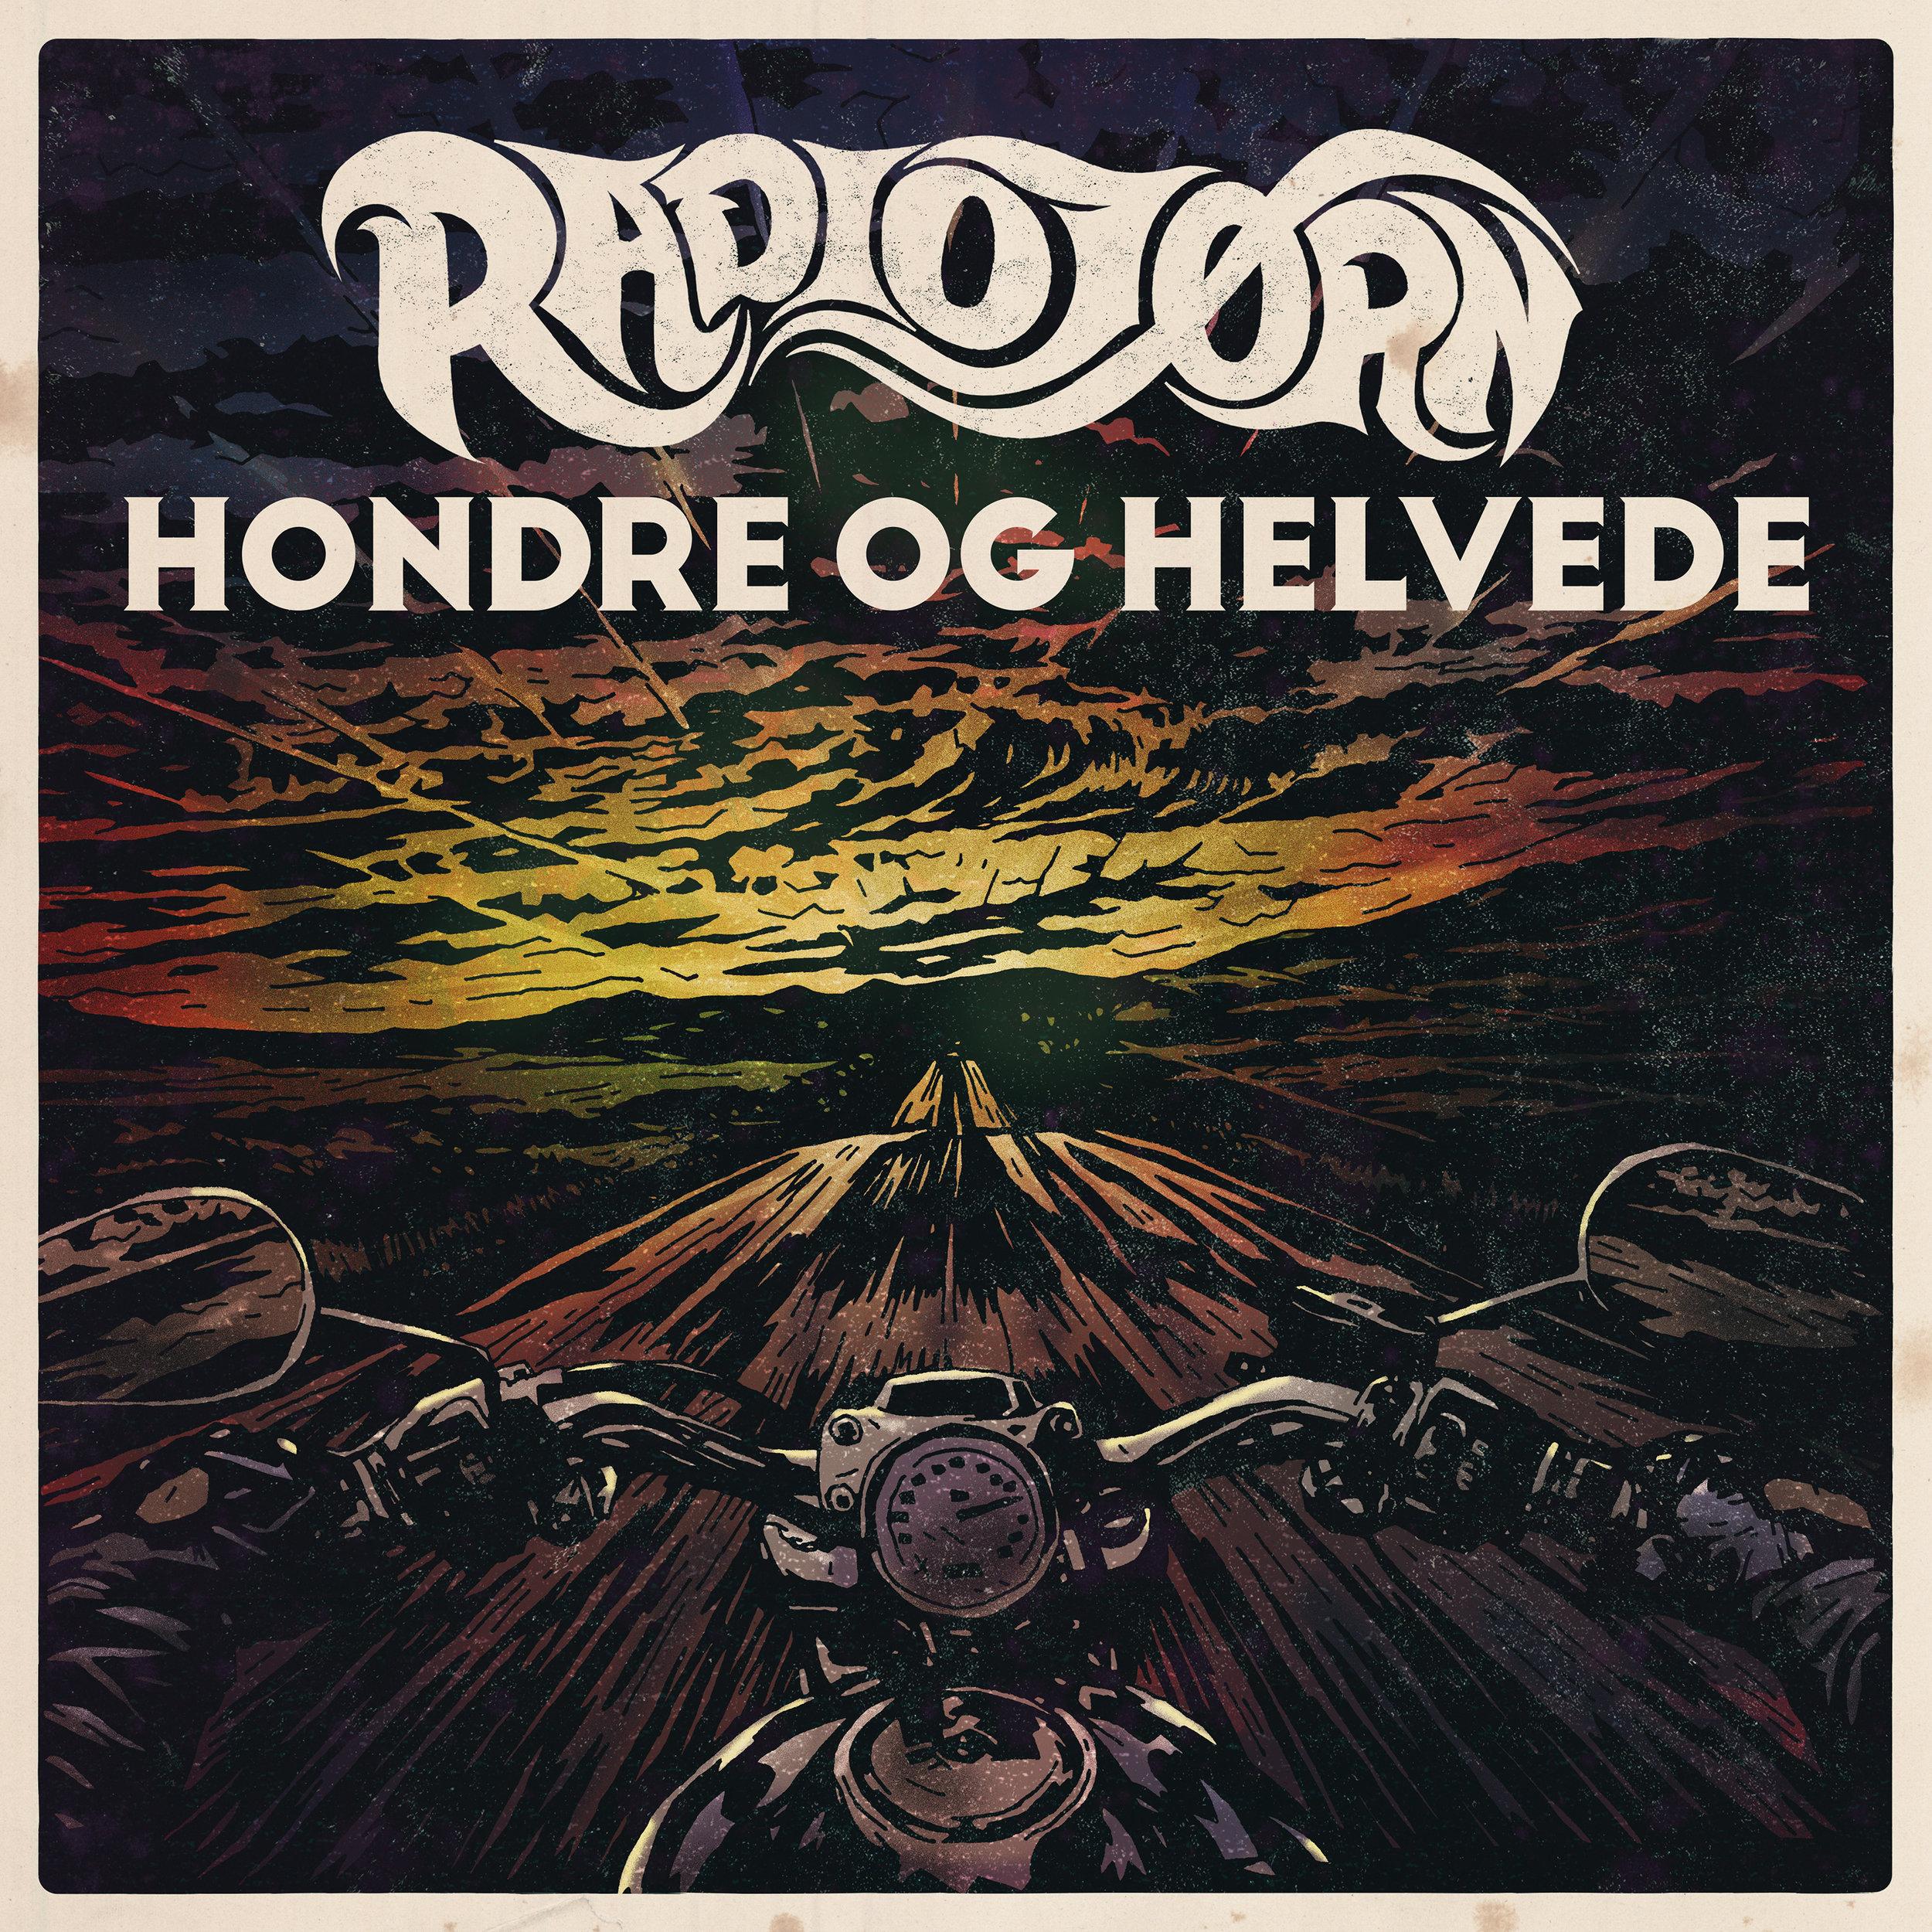 Radiojørn-Hondreoghelvede3000x3000.jpg